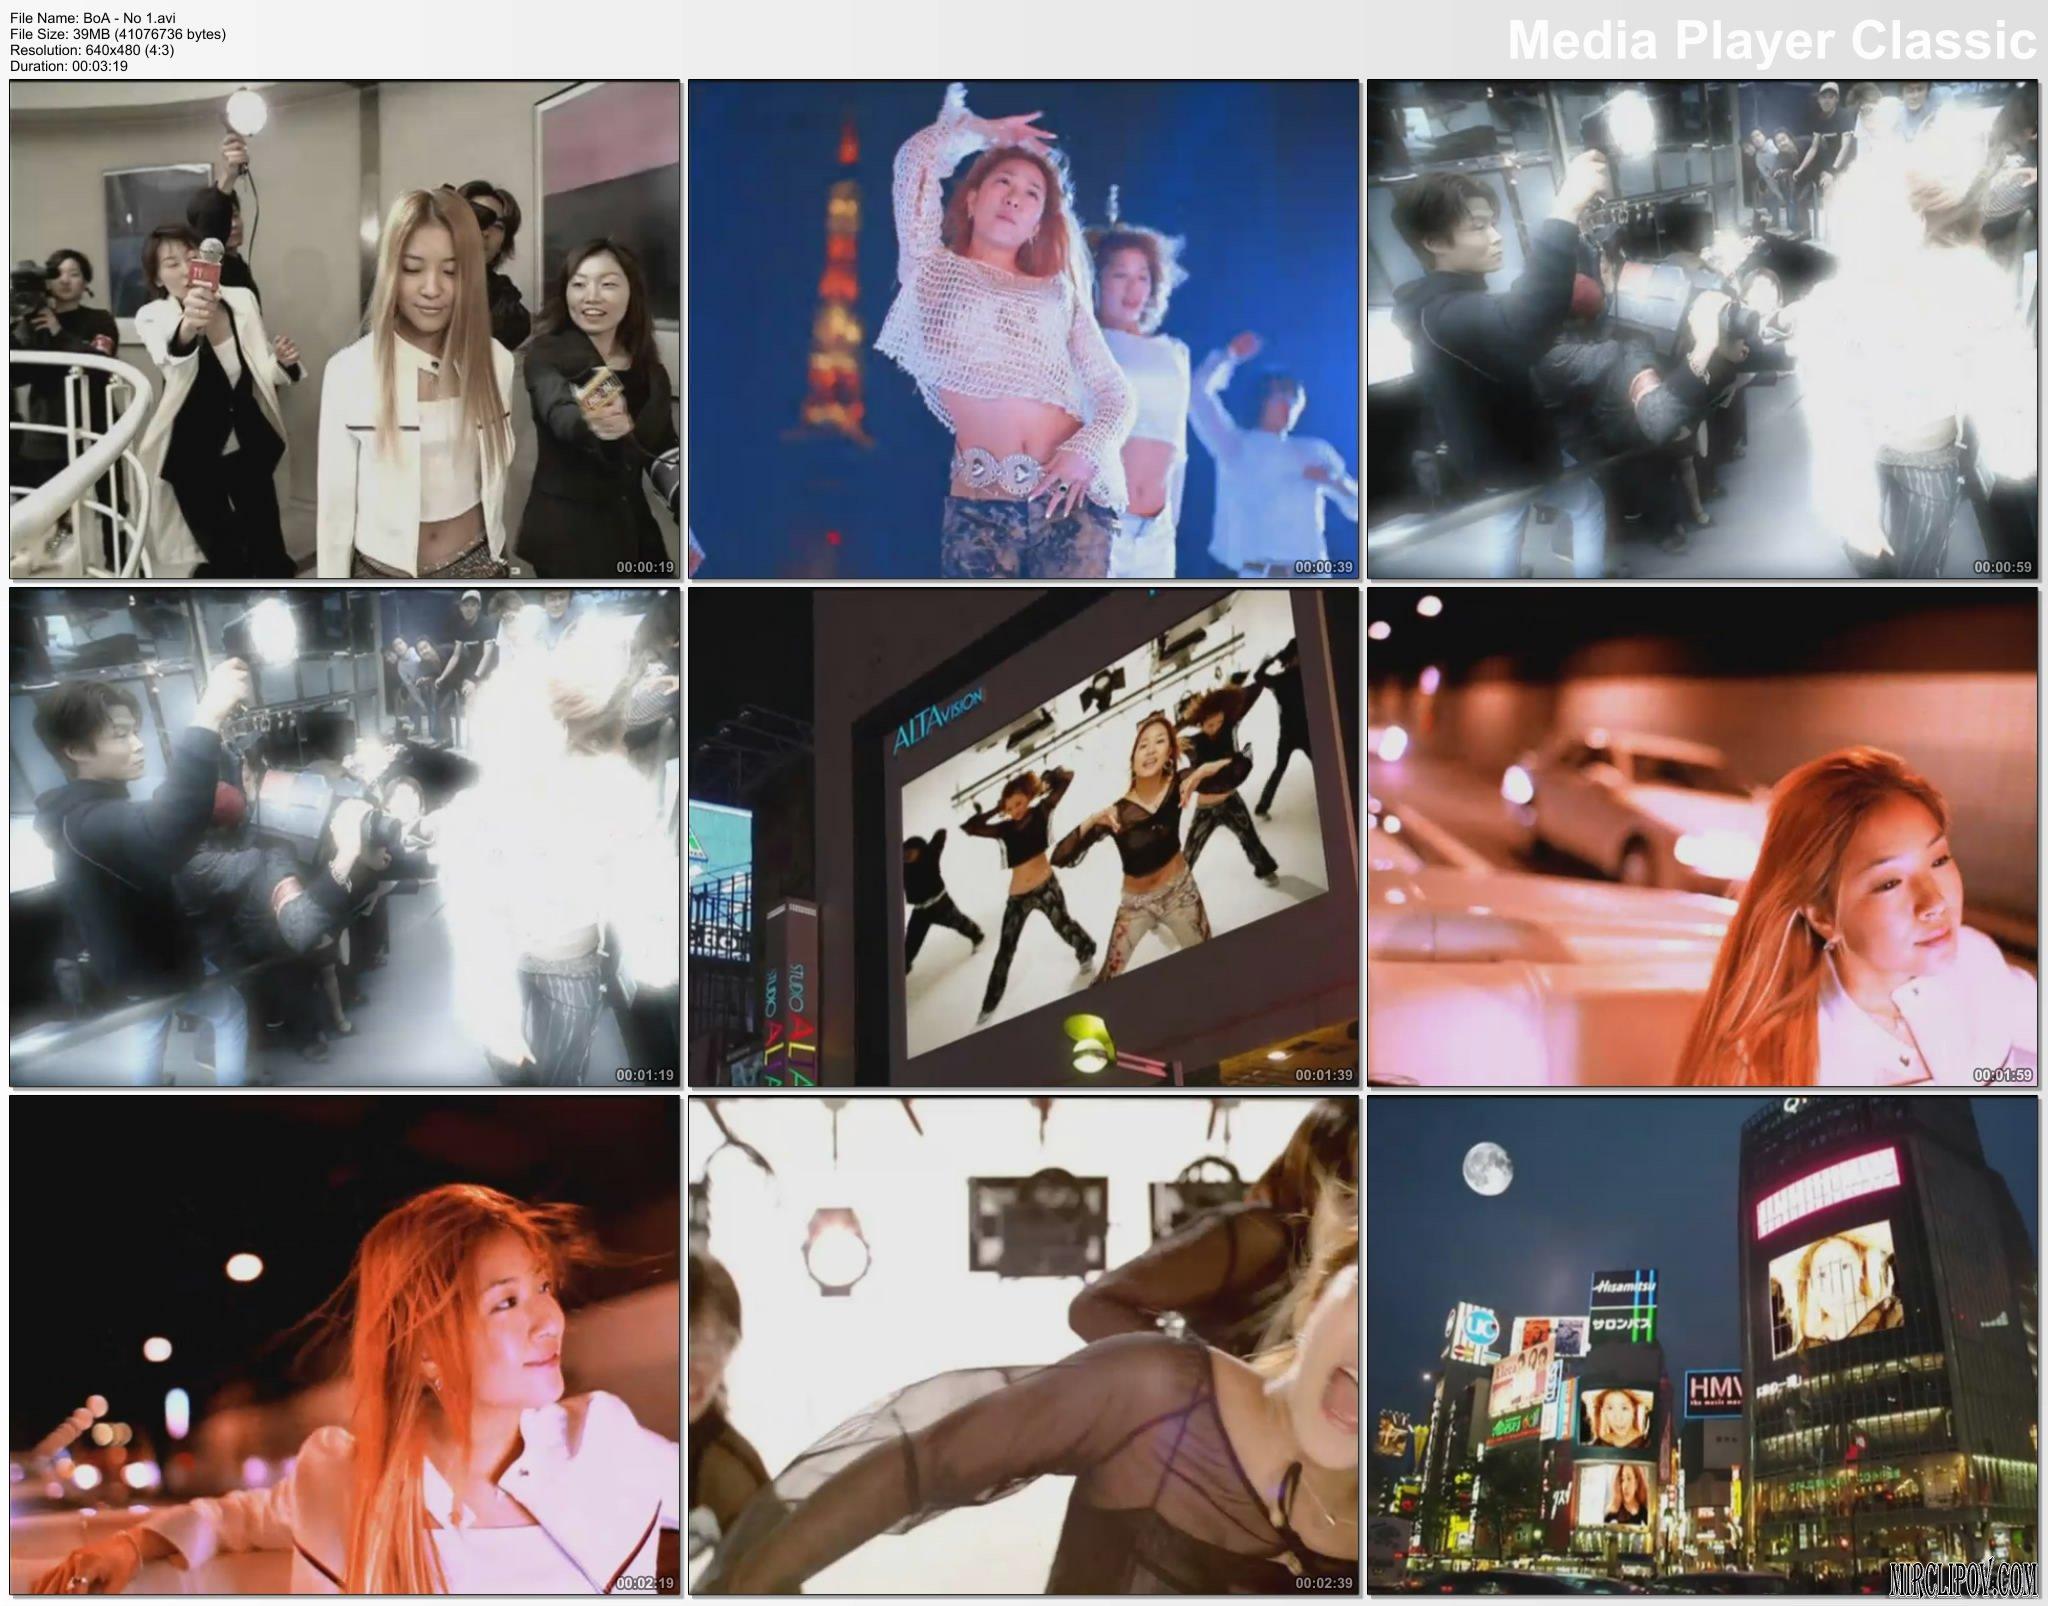 Смотреть бесплатно музыкальные клипы для взрослых 5 фотография